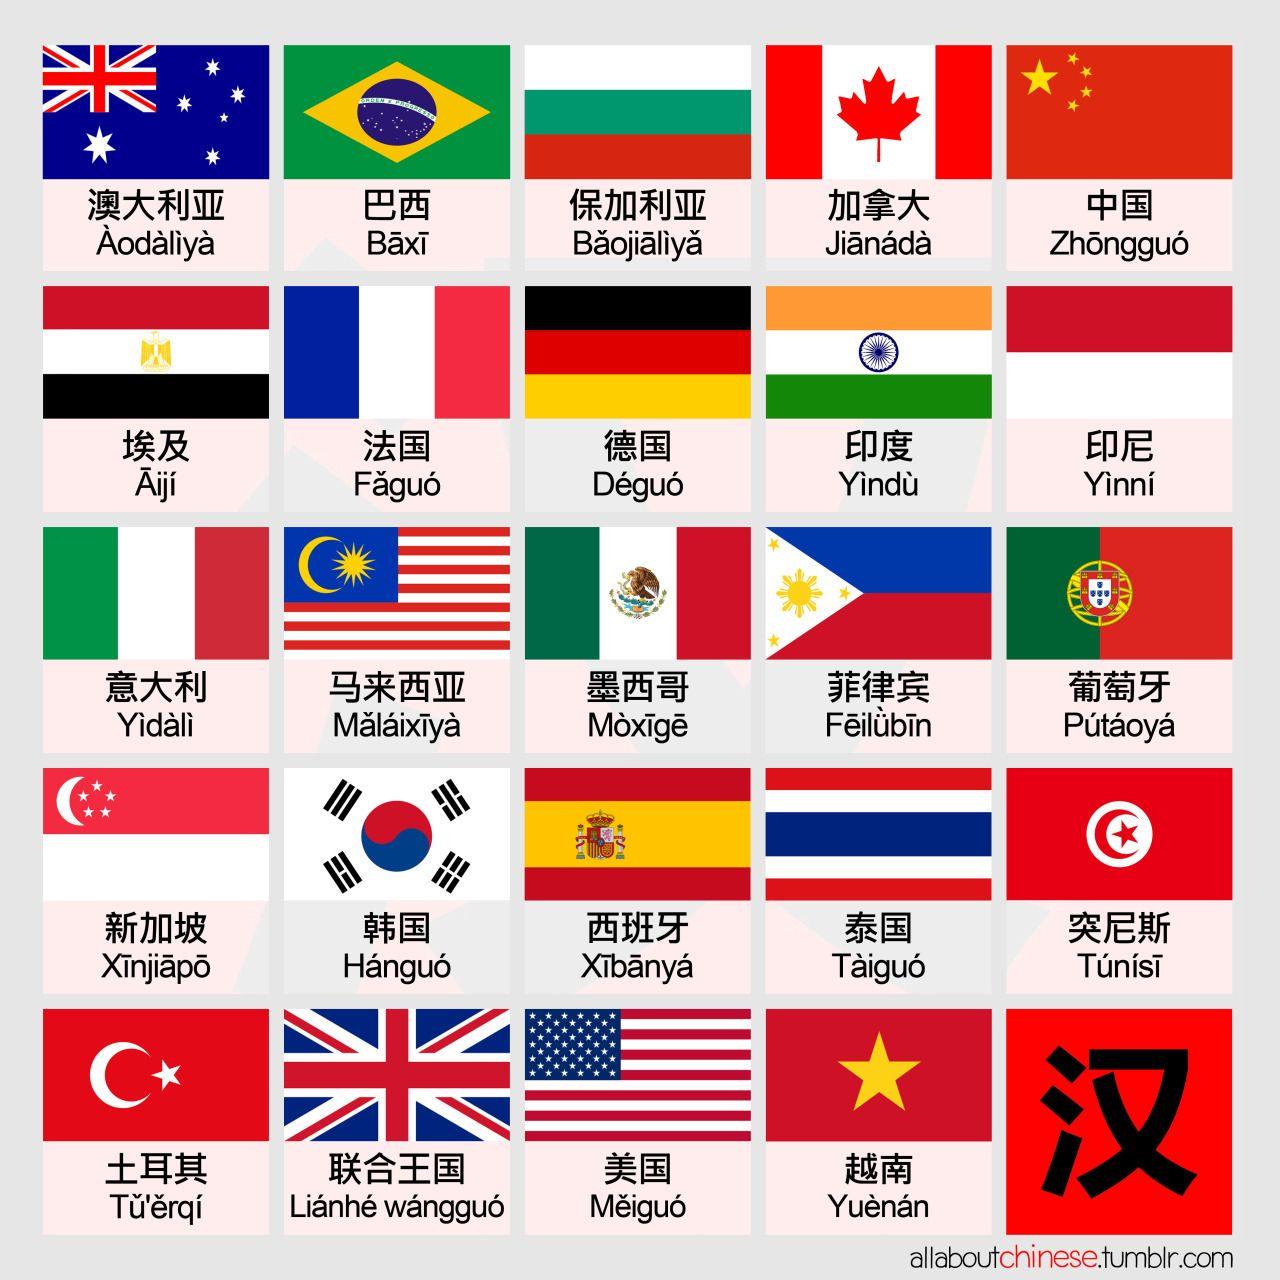 国旗 National Flags Allaboutchinese Learn Chinese Chinese